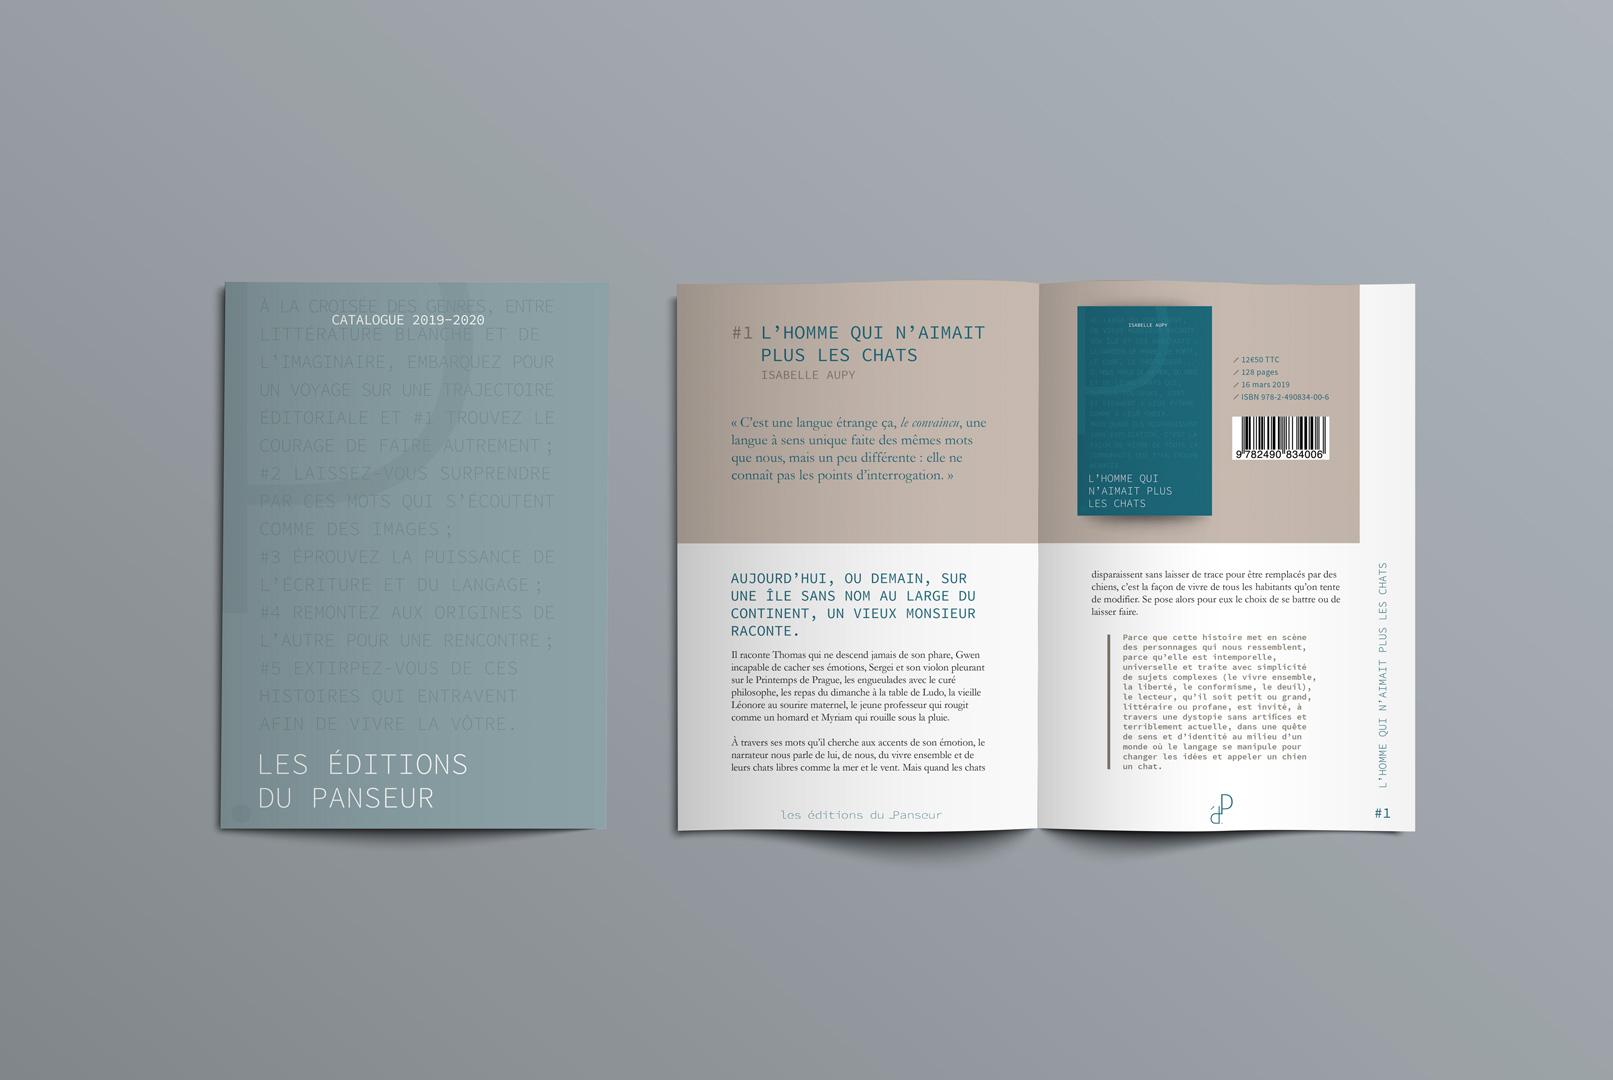 Catalogue présentant les livres Les Éditions du panseur designé par MADMINT